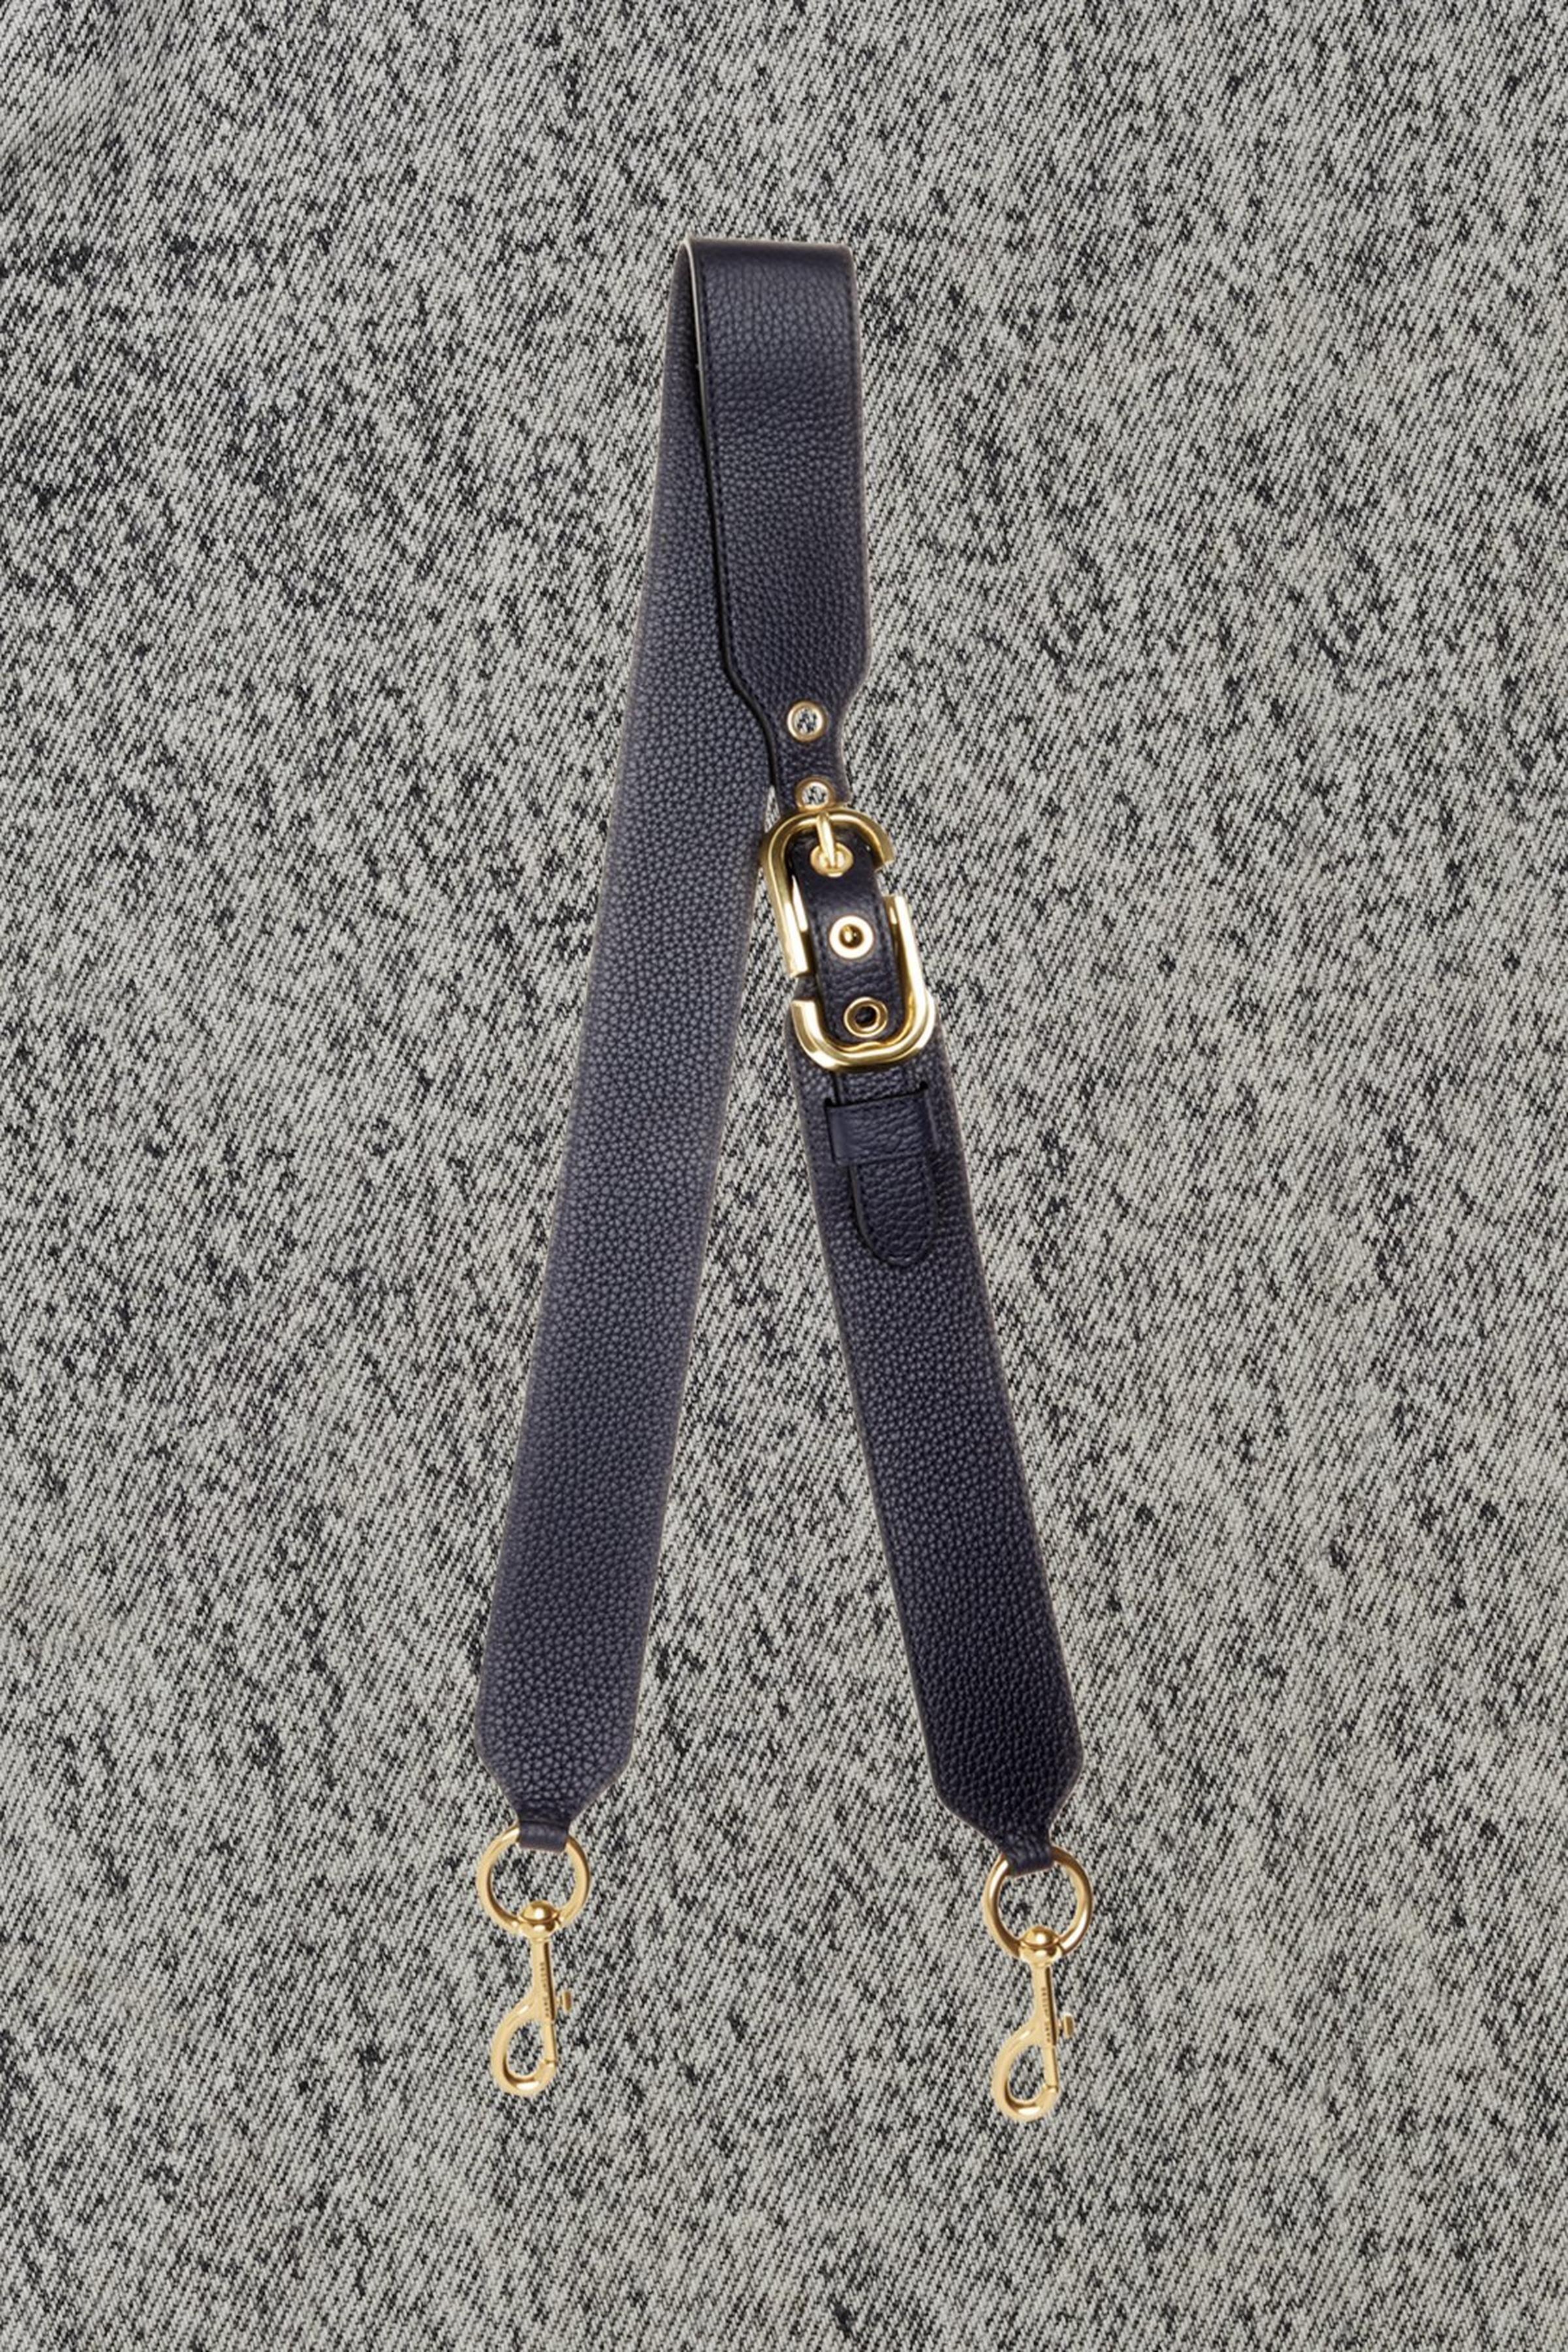 d7d3a886a945 Double J Pebble Leather Bag Strap